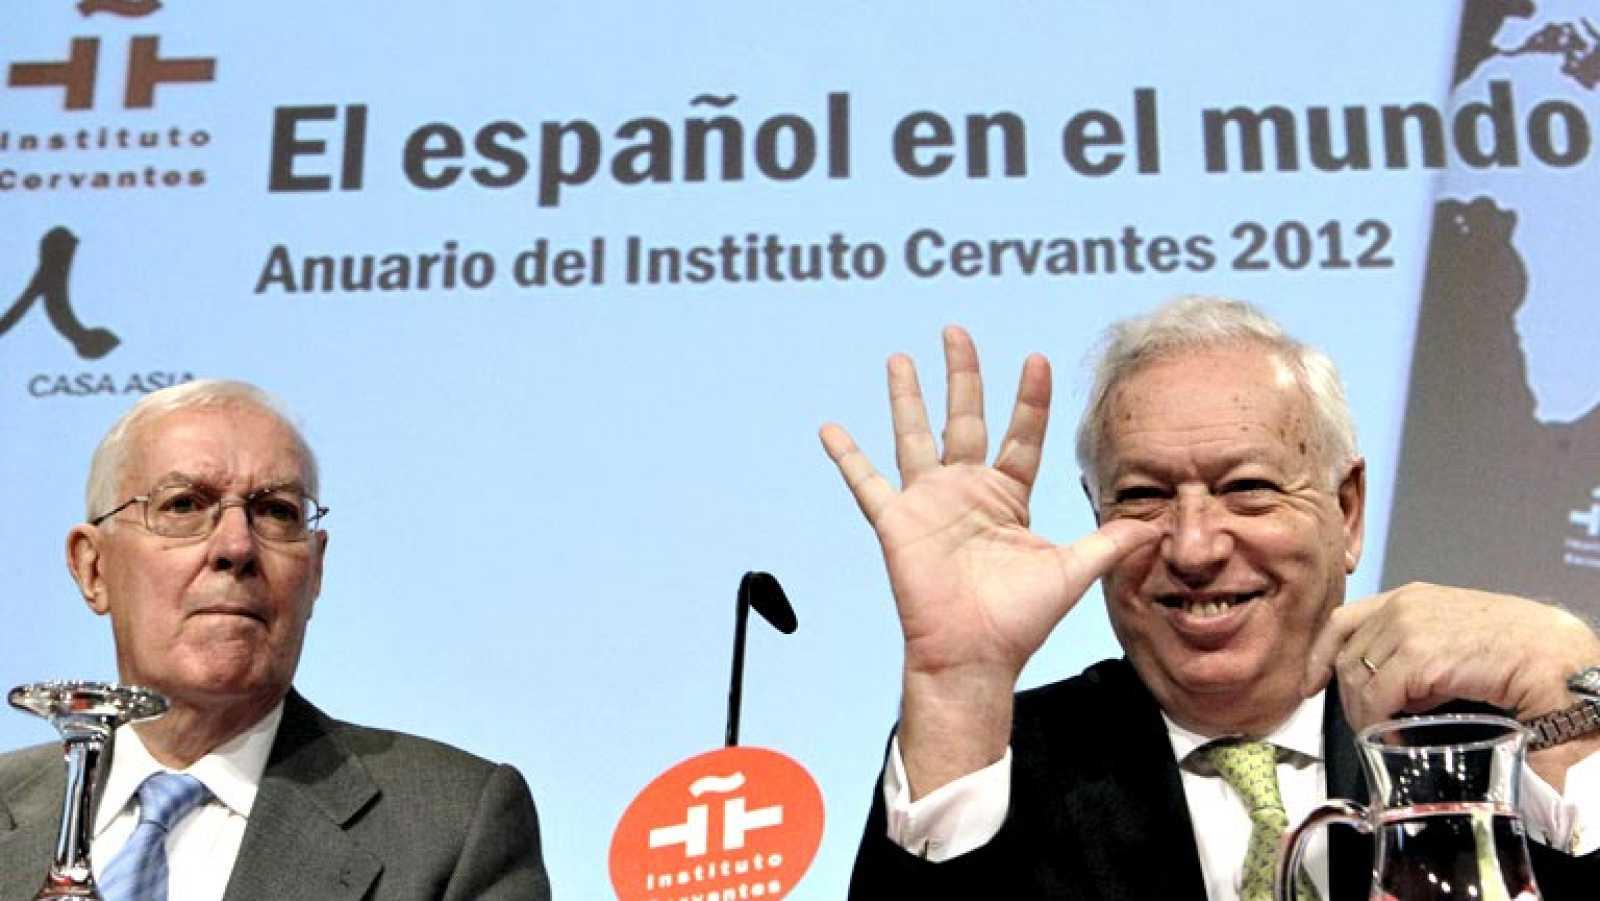 El español, con más de 495 millones de usuarios, es la segunda lengua del mundo con más hablantes, según el anuario 2012 del Instituto Cervantes 'El español en el mundo'.